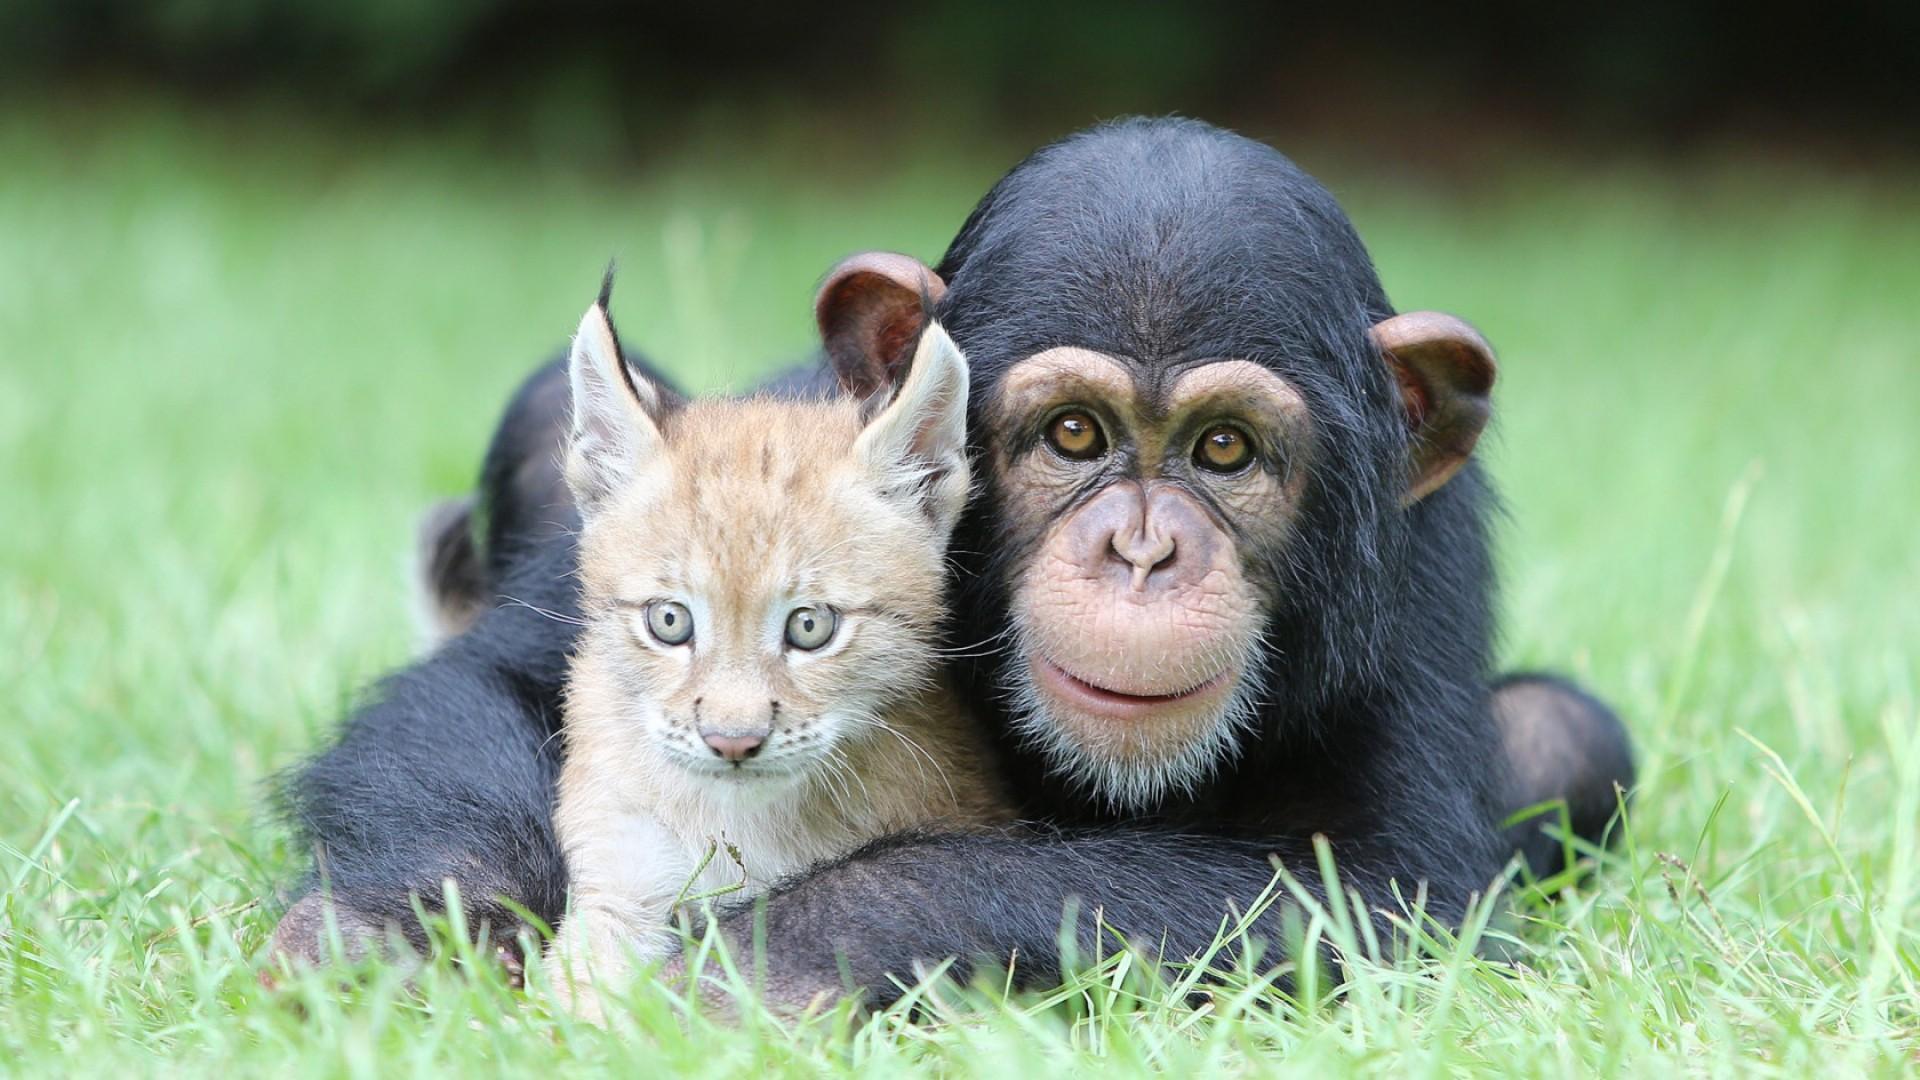 Взаимодействие животных с другими видами может сделать их умнее